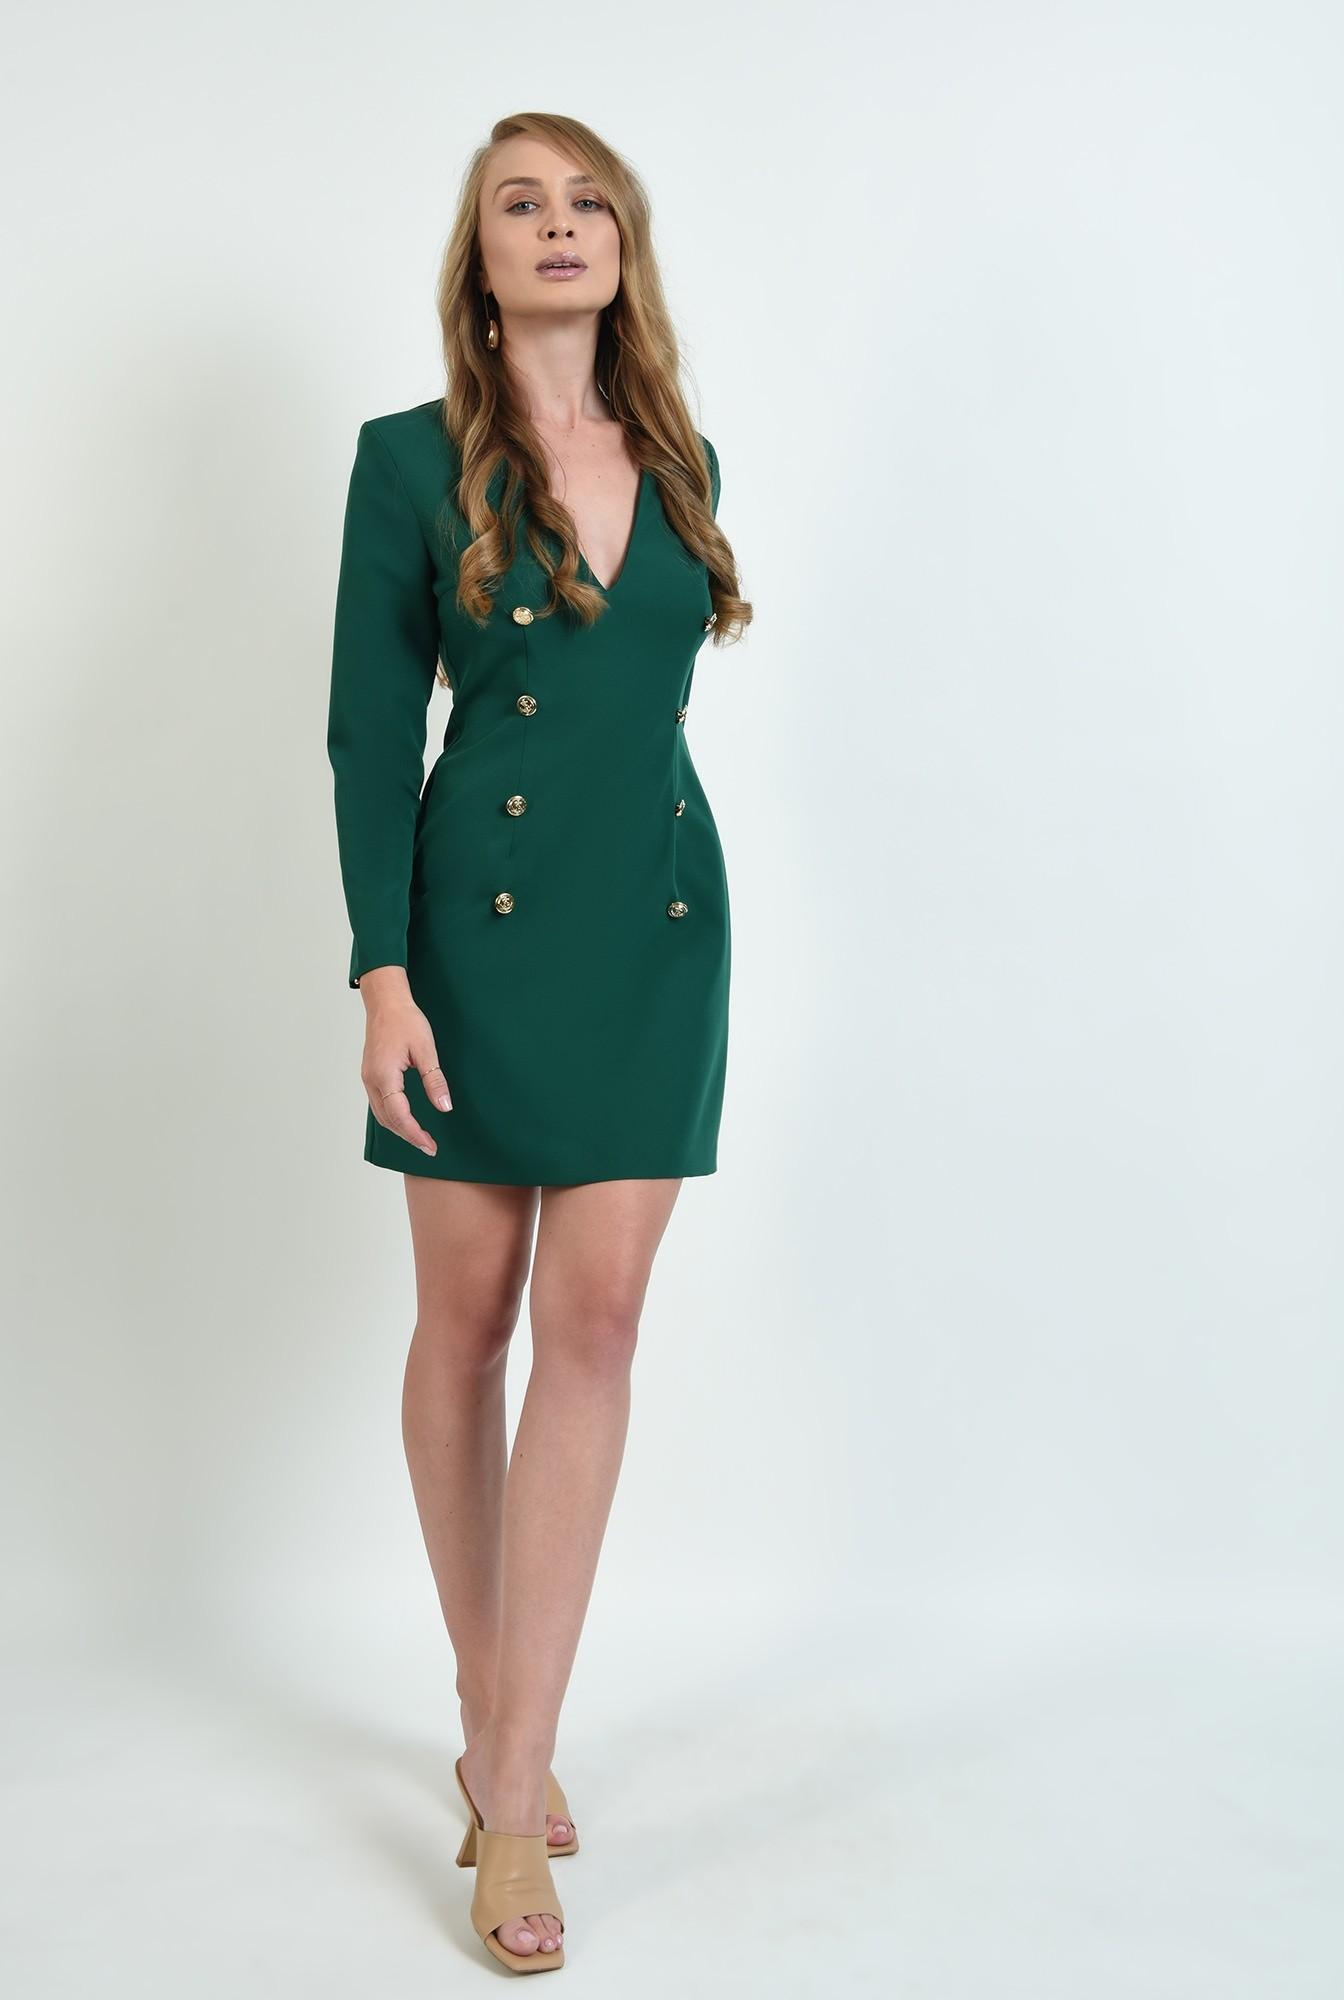 0 - rochie verde, scurta, cu nasturi multipli